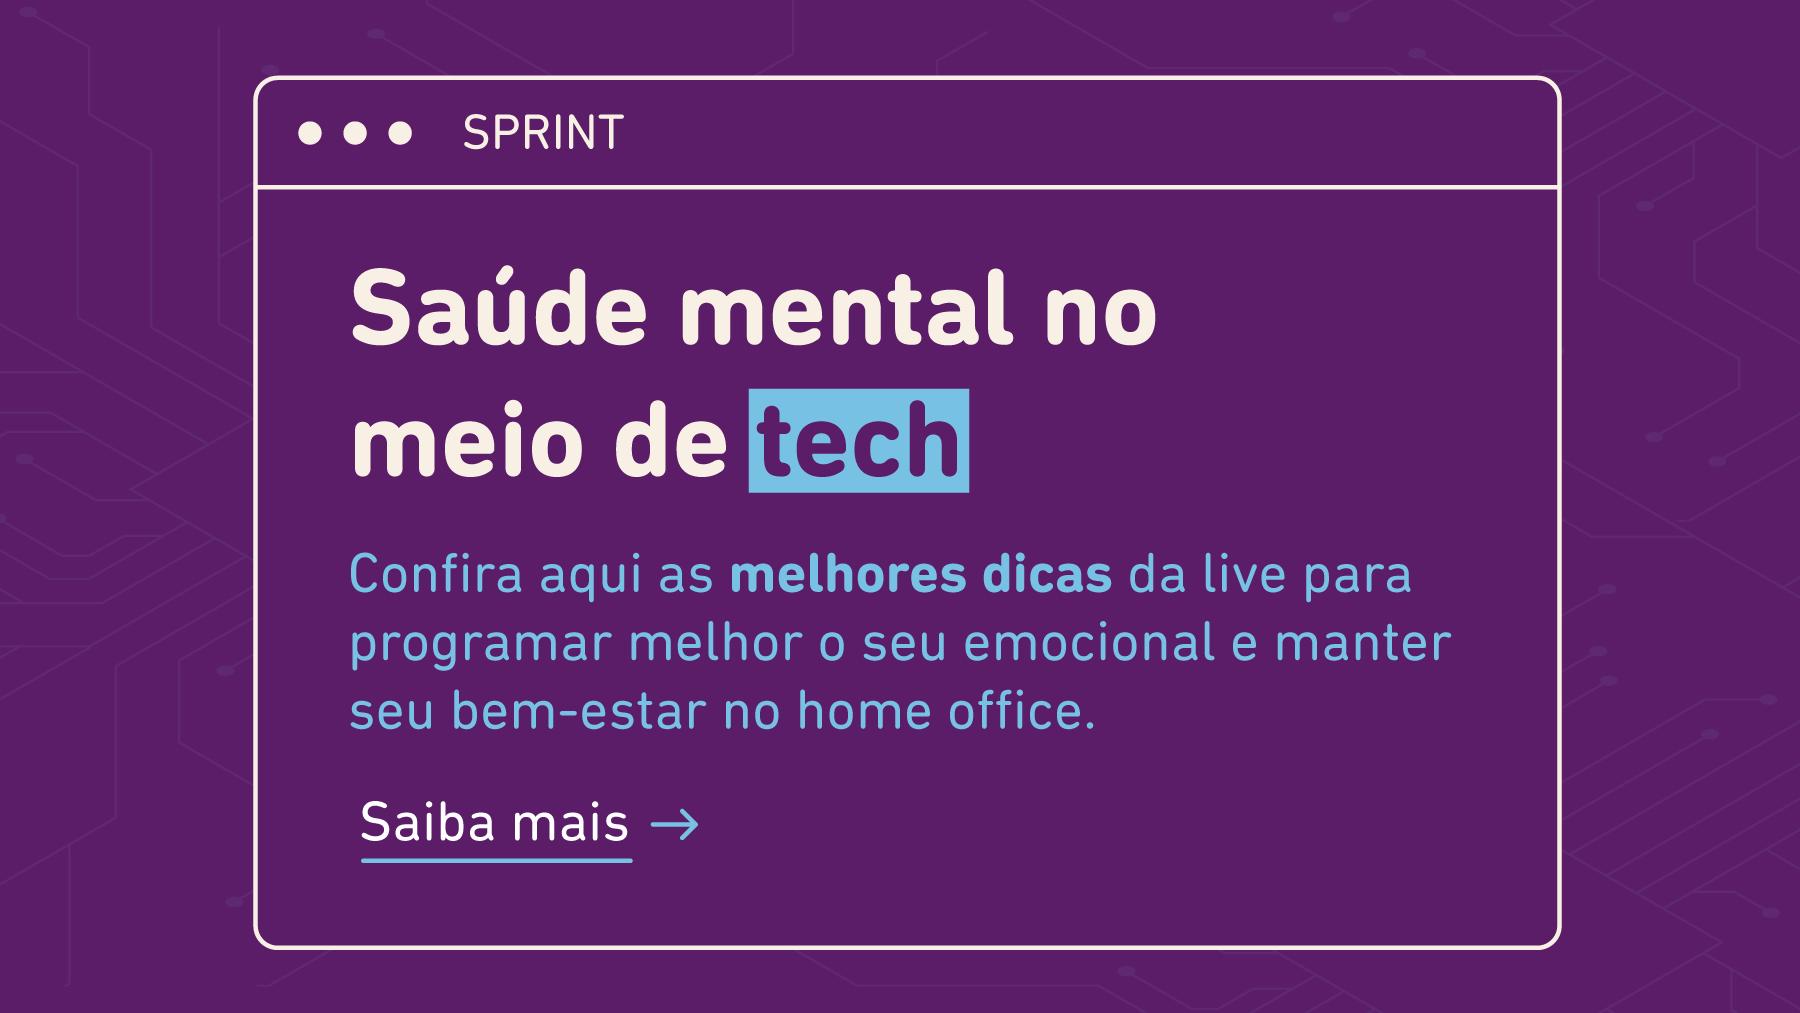 Confira aqui as melhores dicas da live para programar melhor seu emocional e manter seu bem-estar no home office.